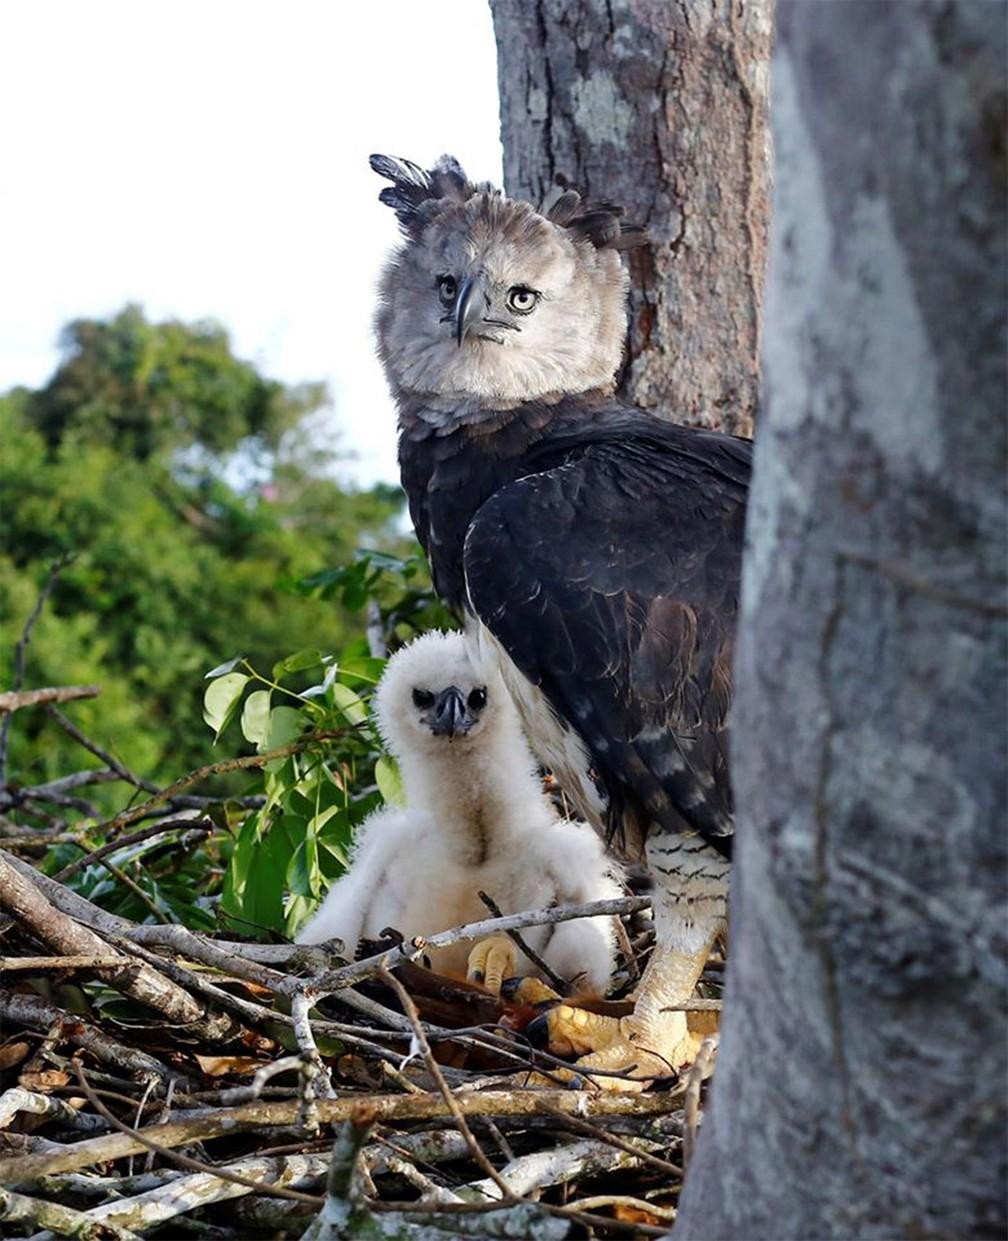 Espécies de árvores usadas por harpias para seus ninhos estão entre as mais derrubadas por madeireiros